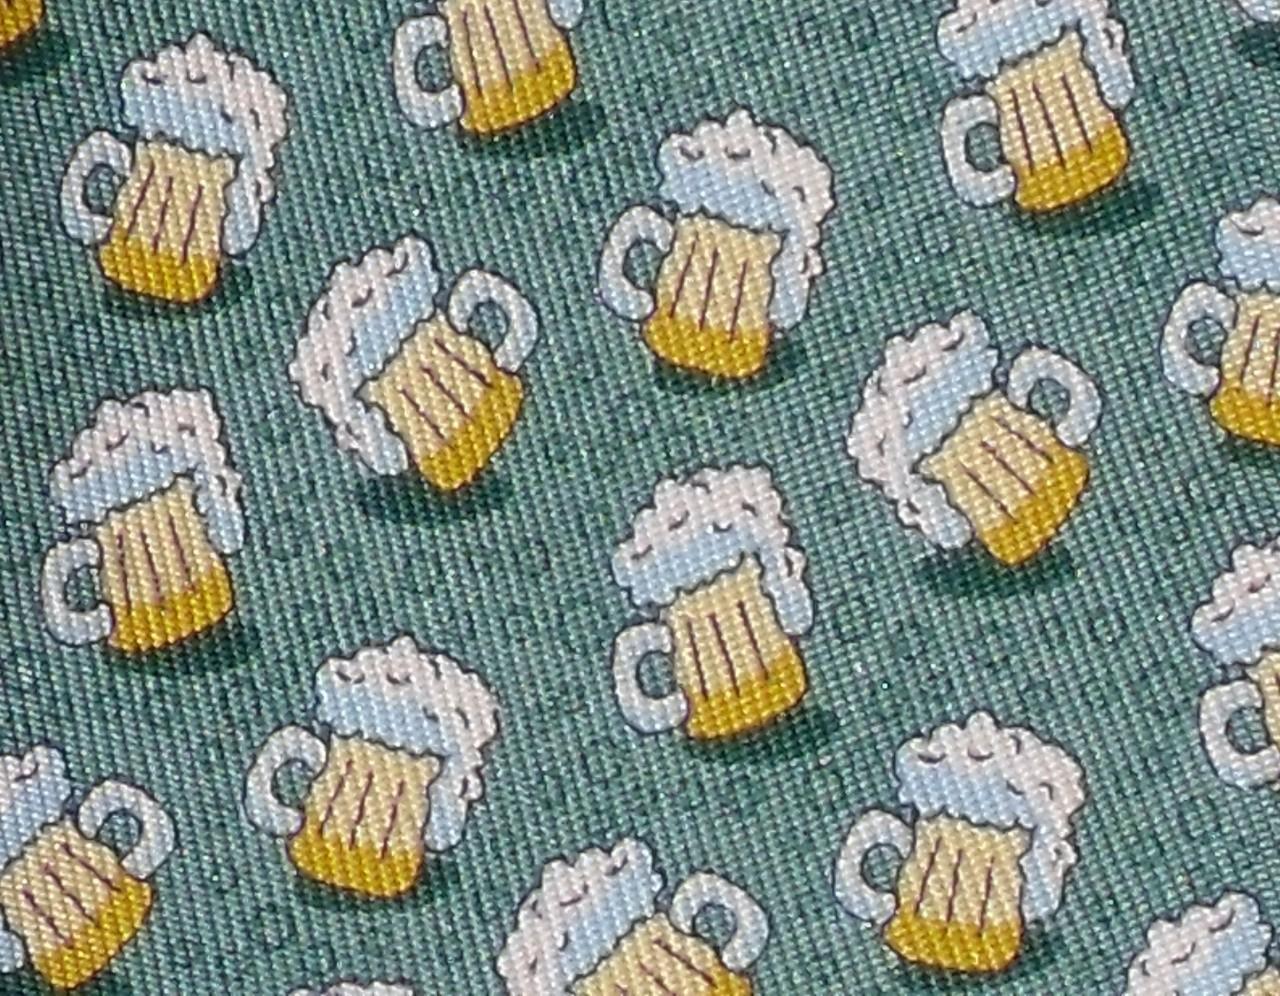 Vineyard-Vines-Beer-Mugs-Skinny-SILK-Neck-Tie-NWT-75-Many-Colors    Vineyard Vines Fish Pattern